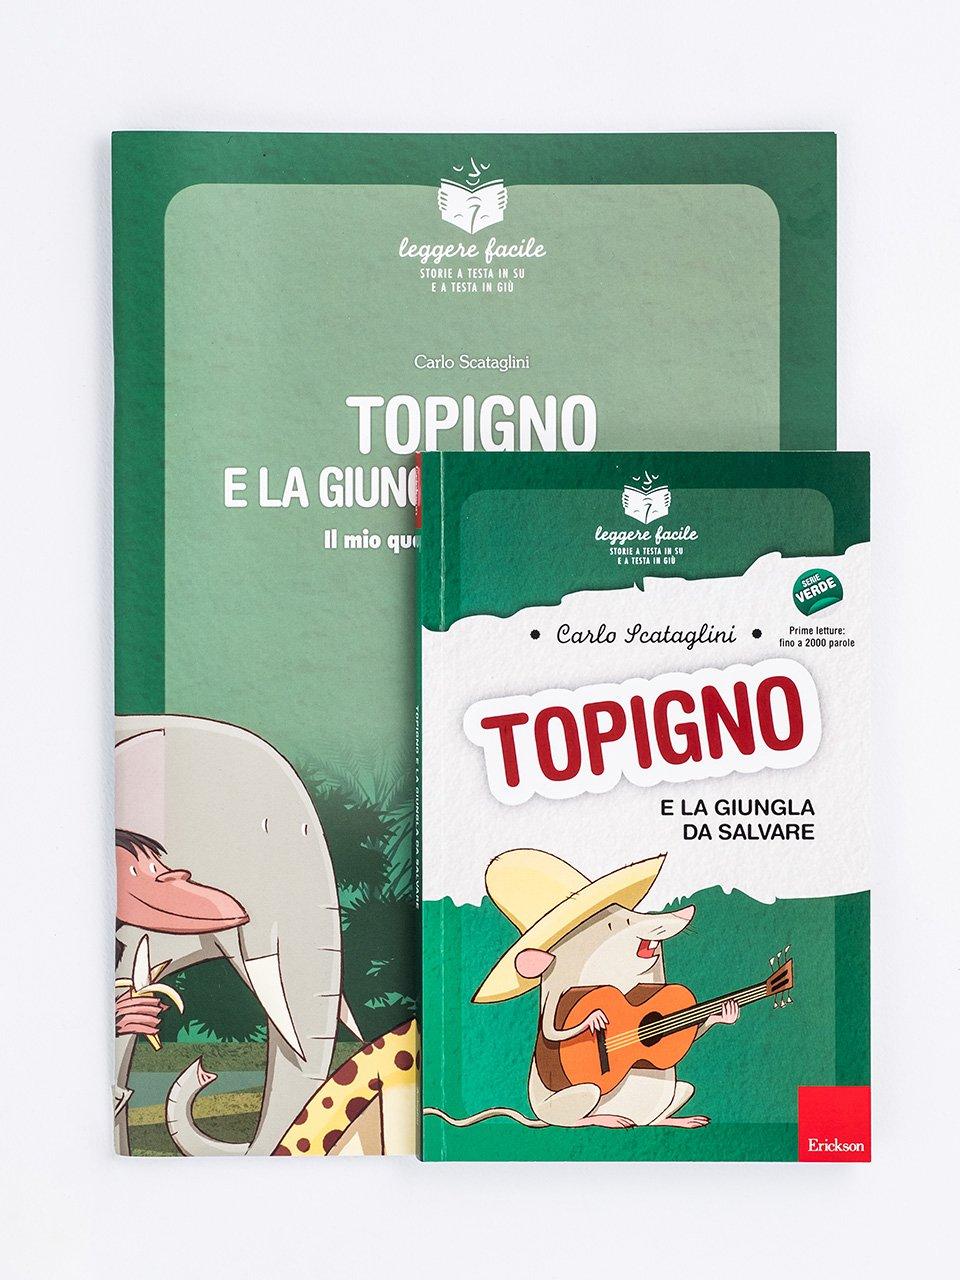 Topigno e la giungla da salvare - Libri - Erickson